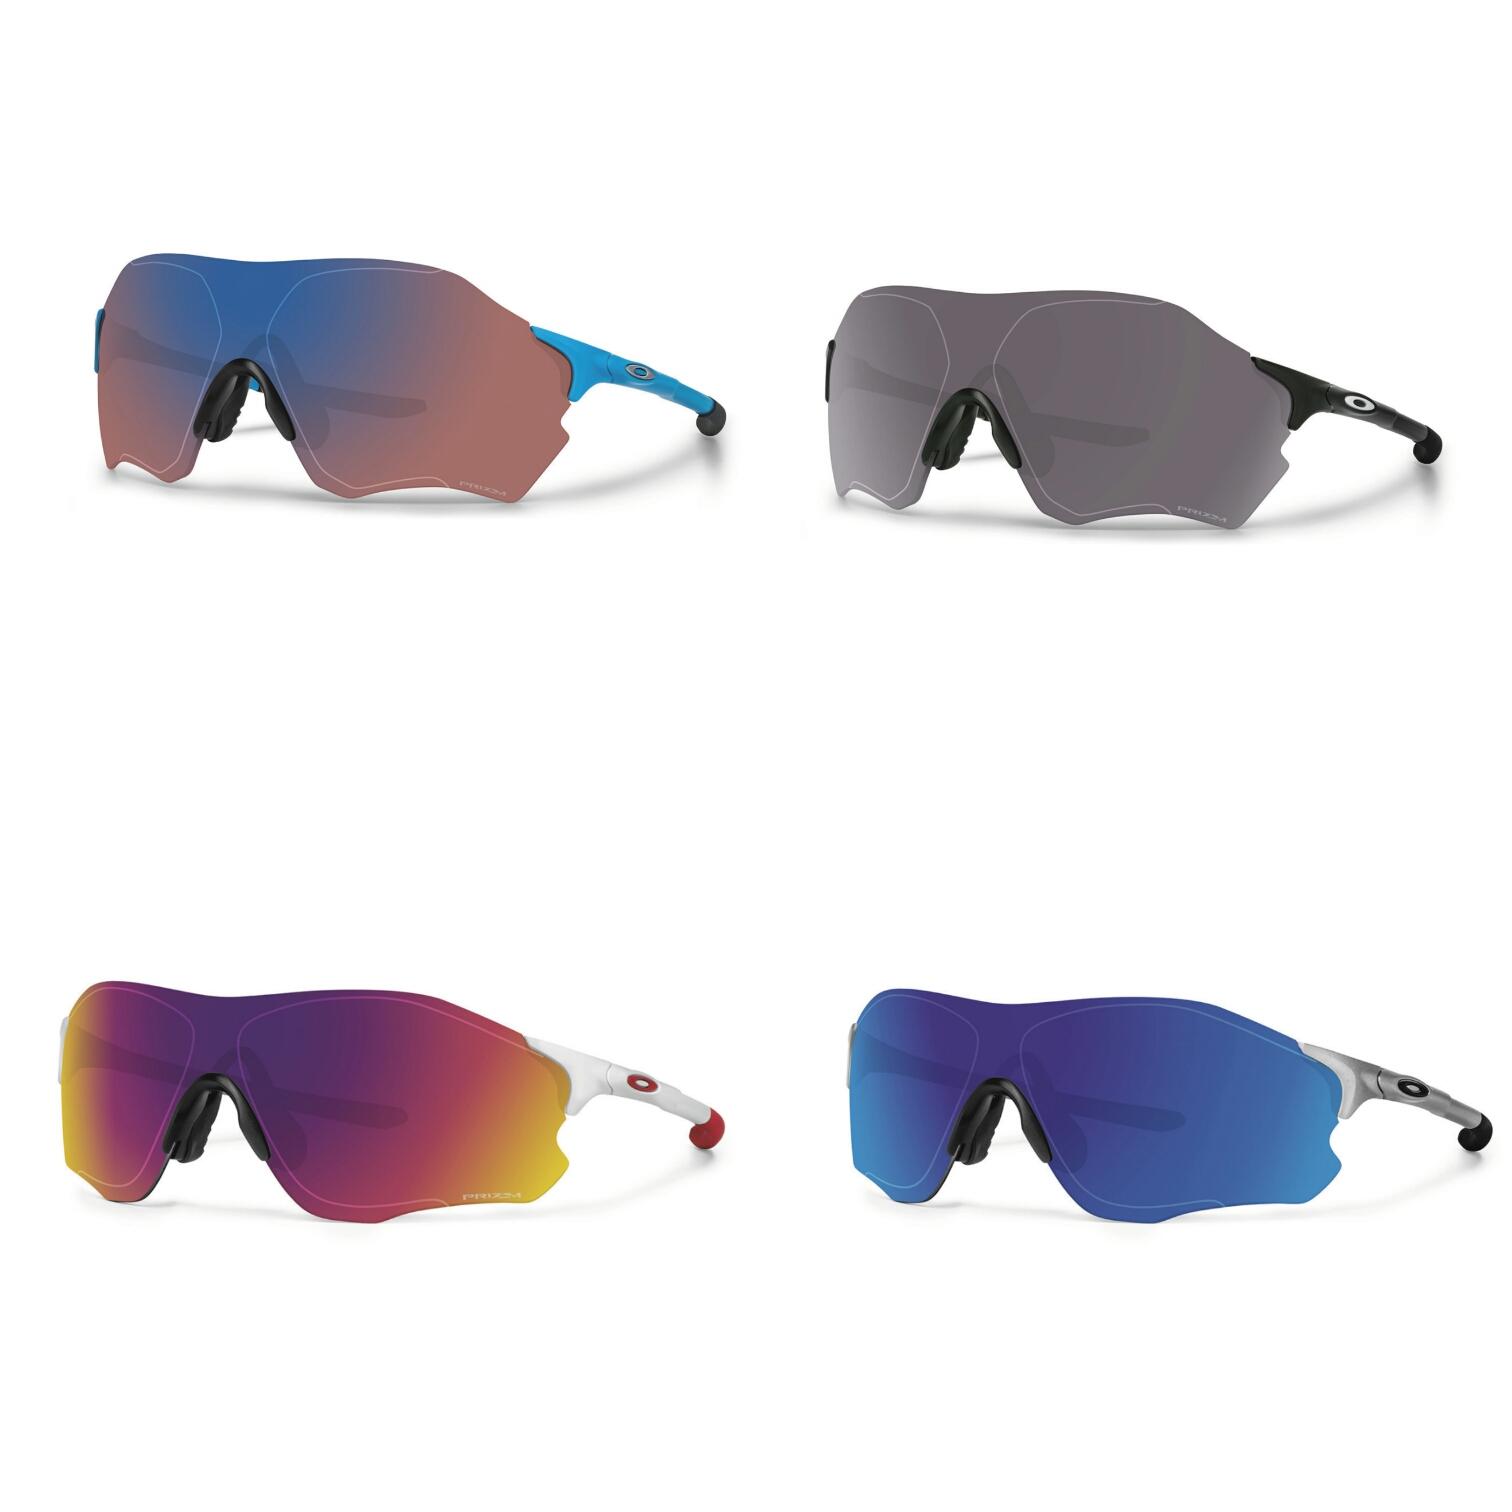 226d947b4d2ab Oakley apresenta novos óculos de performance   Sport Life